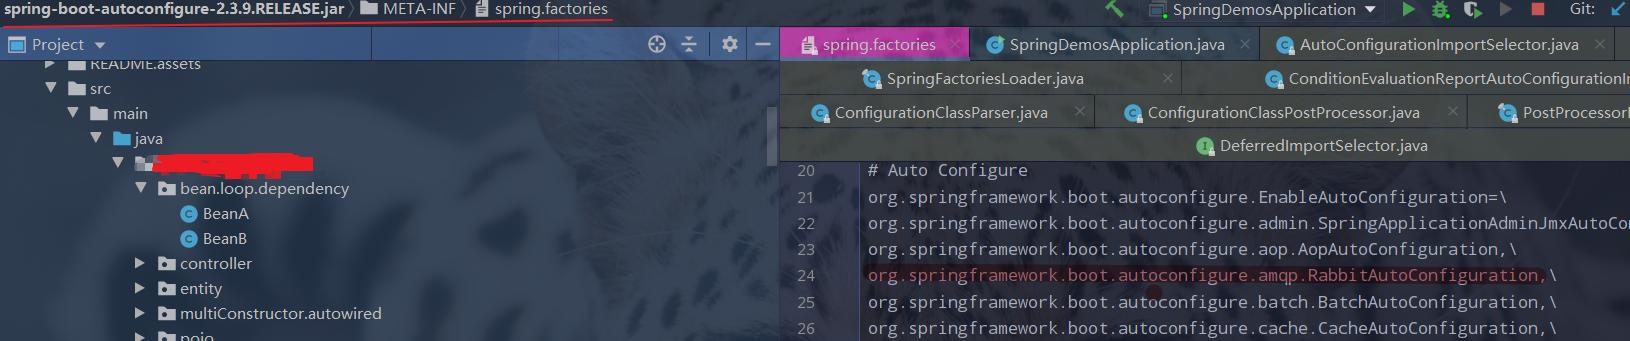 SpringBoot启动原理(基于2.3.9.RELEASE版本)